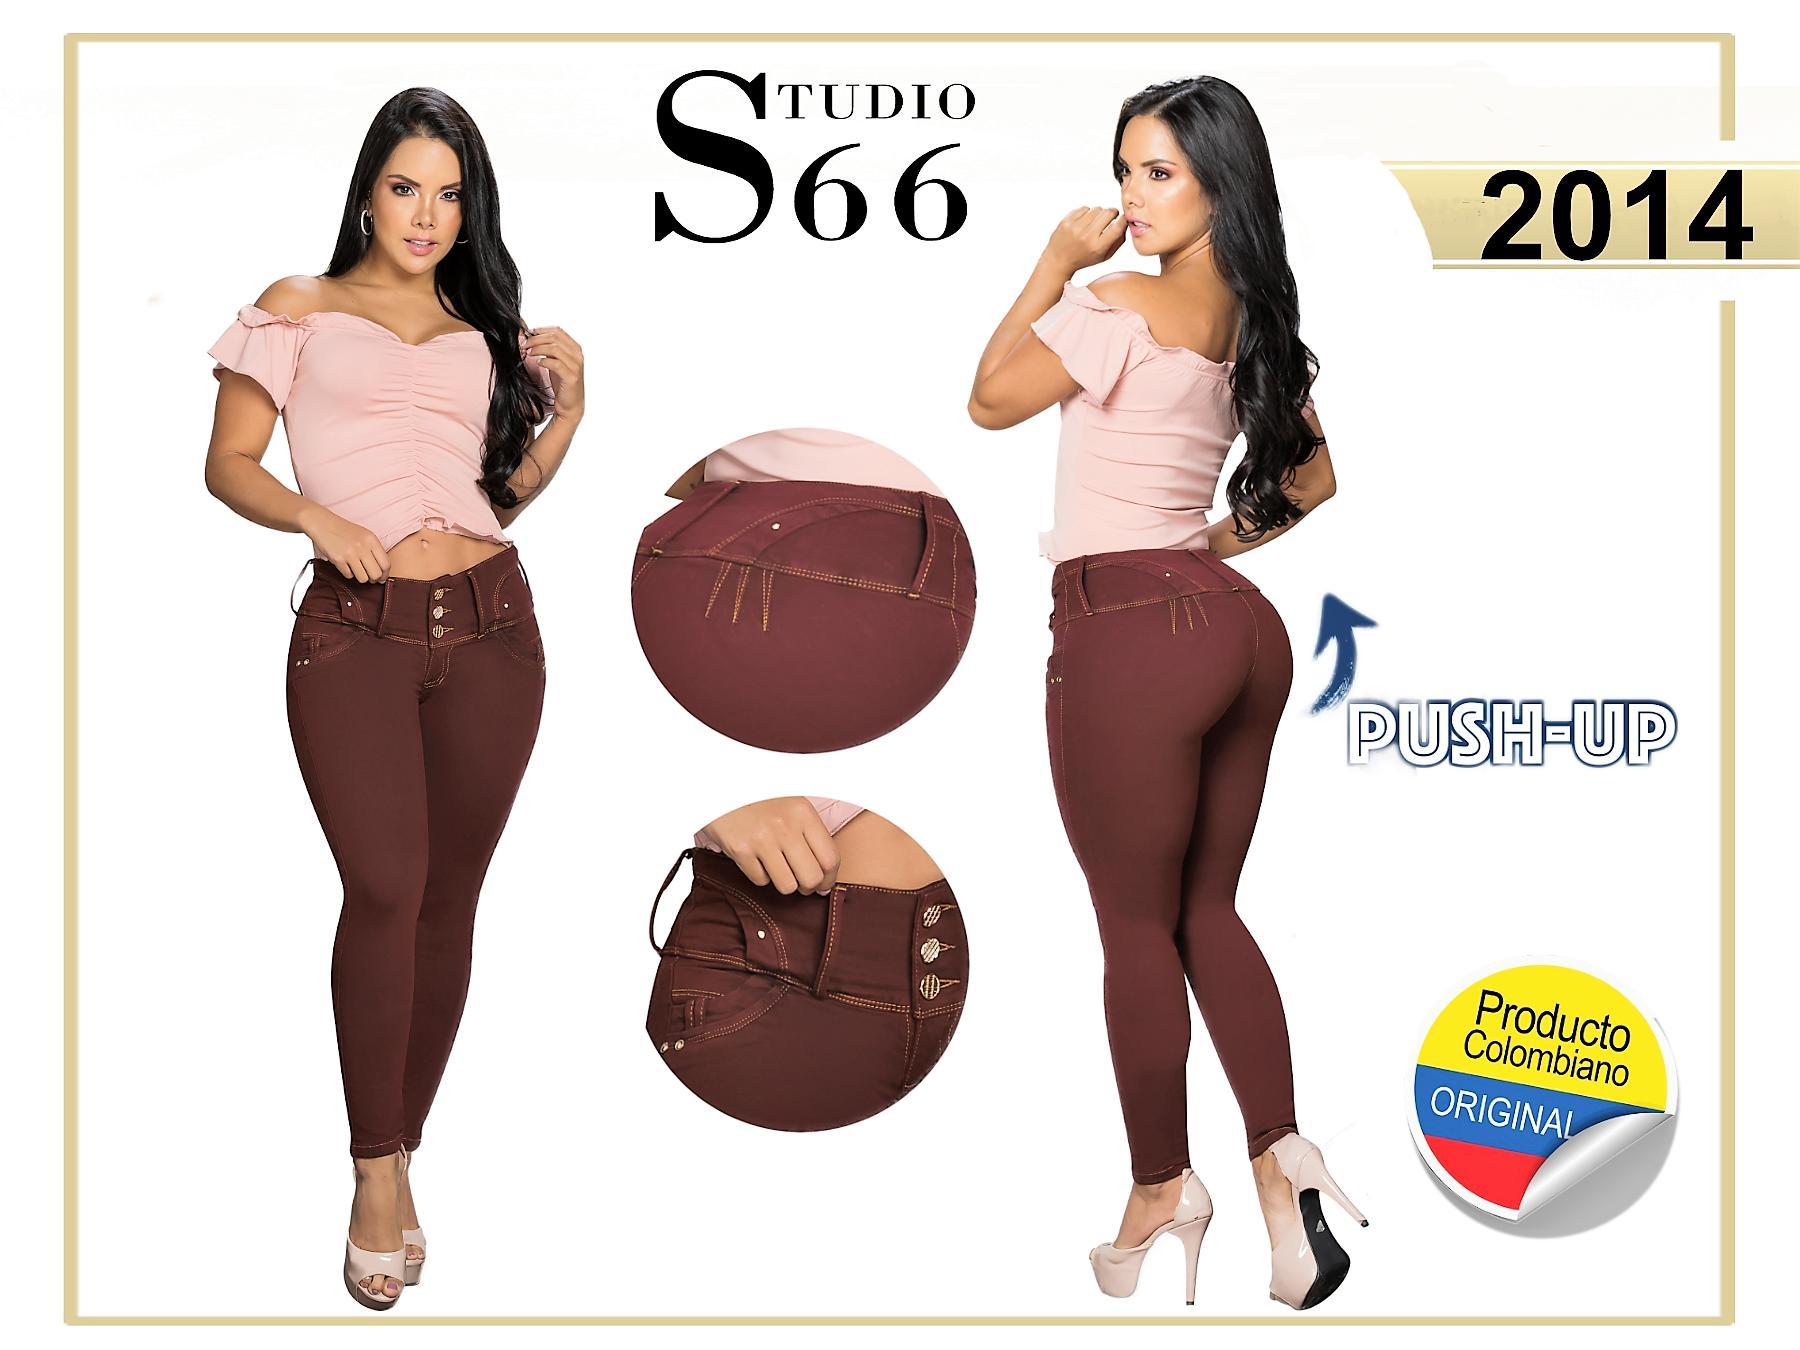 Jean Push Up de Moda Hecho en Colombia